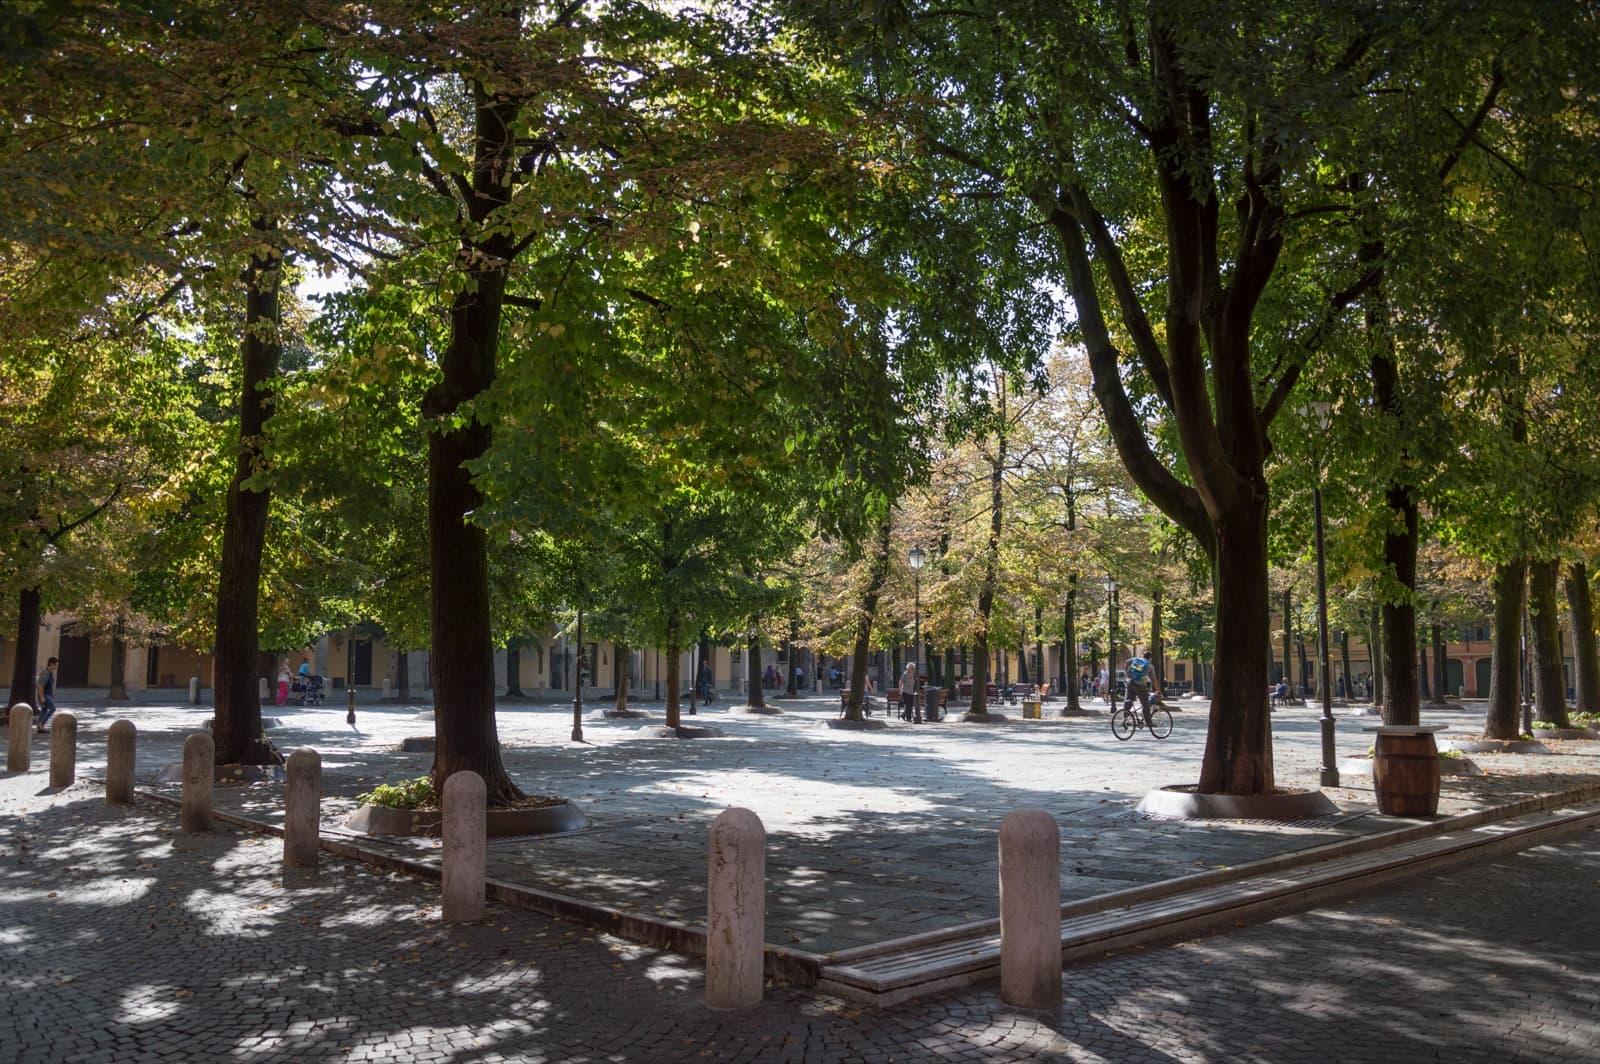 [ParlamiditER] Reggio Emilia e dintorni in camper e in bicicletta